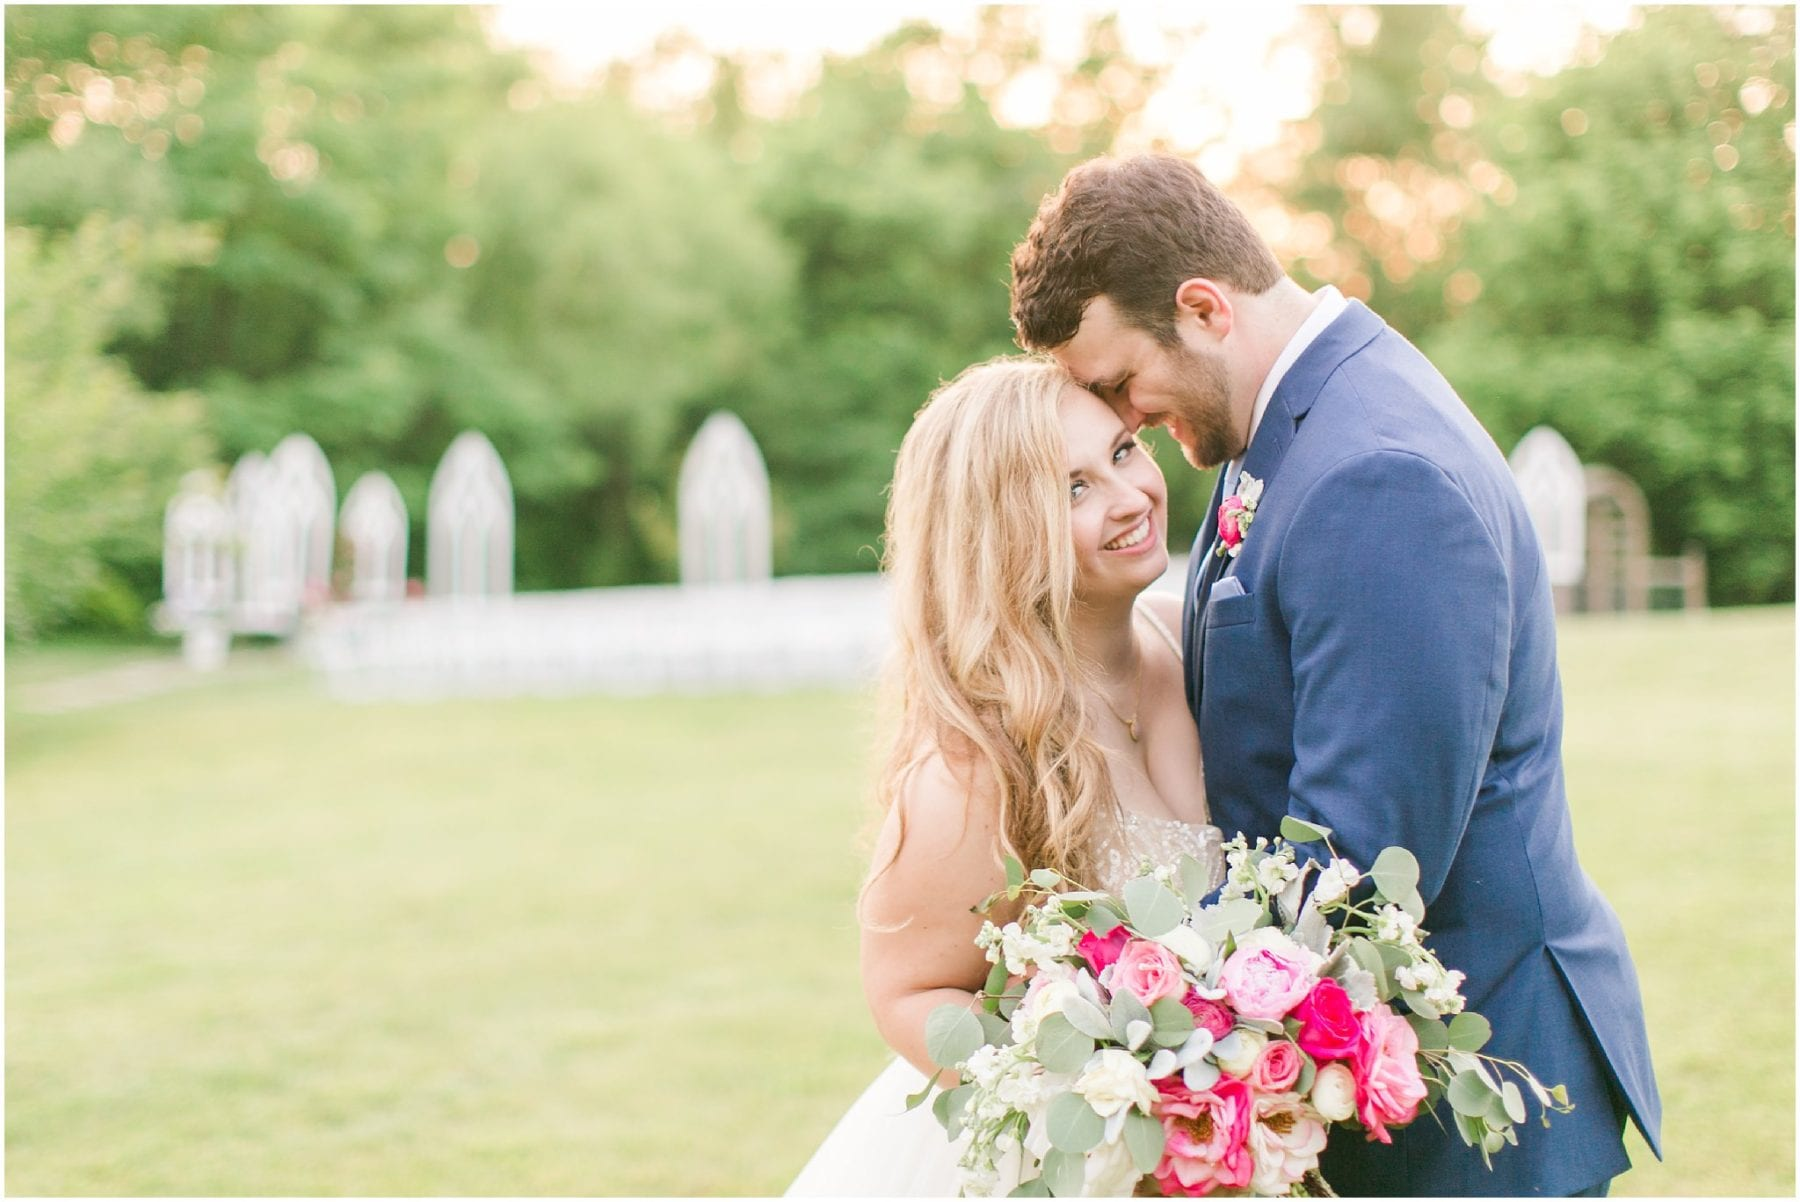 Maryland Backyard Wedding Photos Kelly & Zach Megan Kelsey Photography-270.jpg